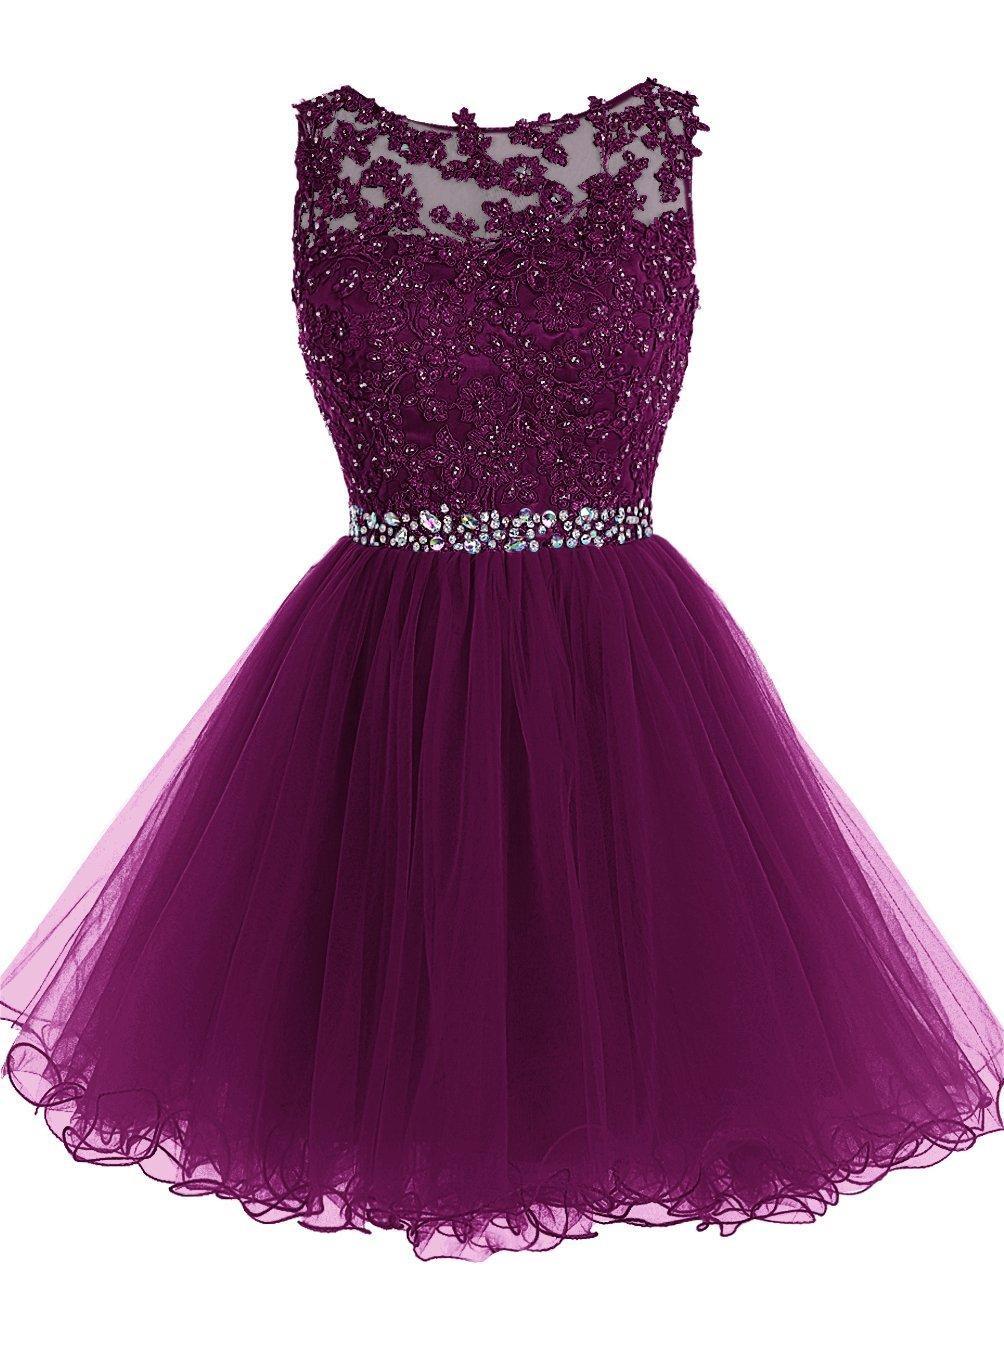 Сладкие 16 Короткие платья выпускного вечера шнурка Аппликация с хрустальные бусины Puffy Тюль платья партии Little Black Выпускной Homecoming Gowns